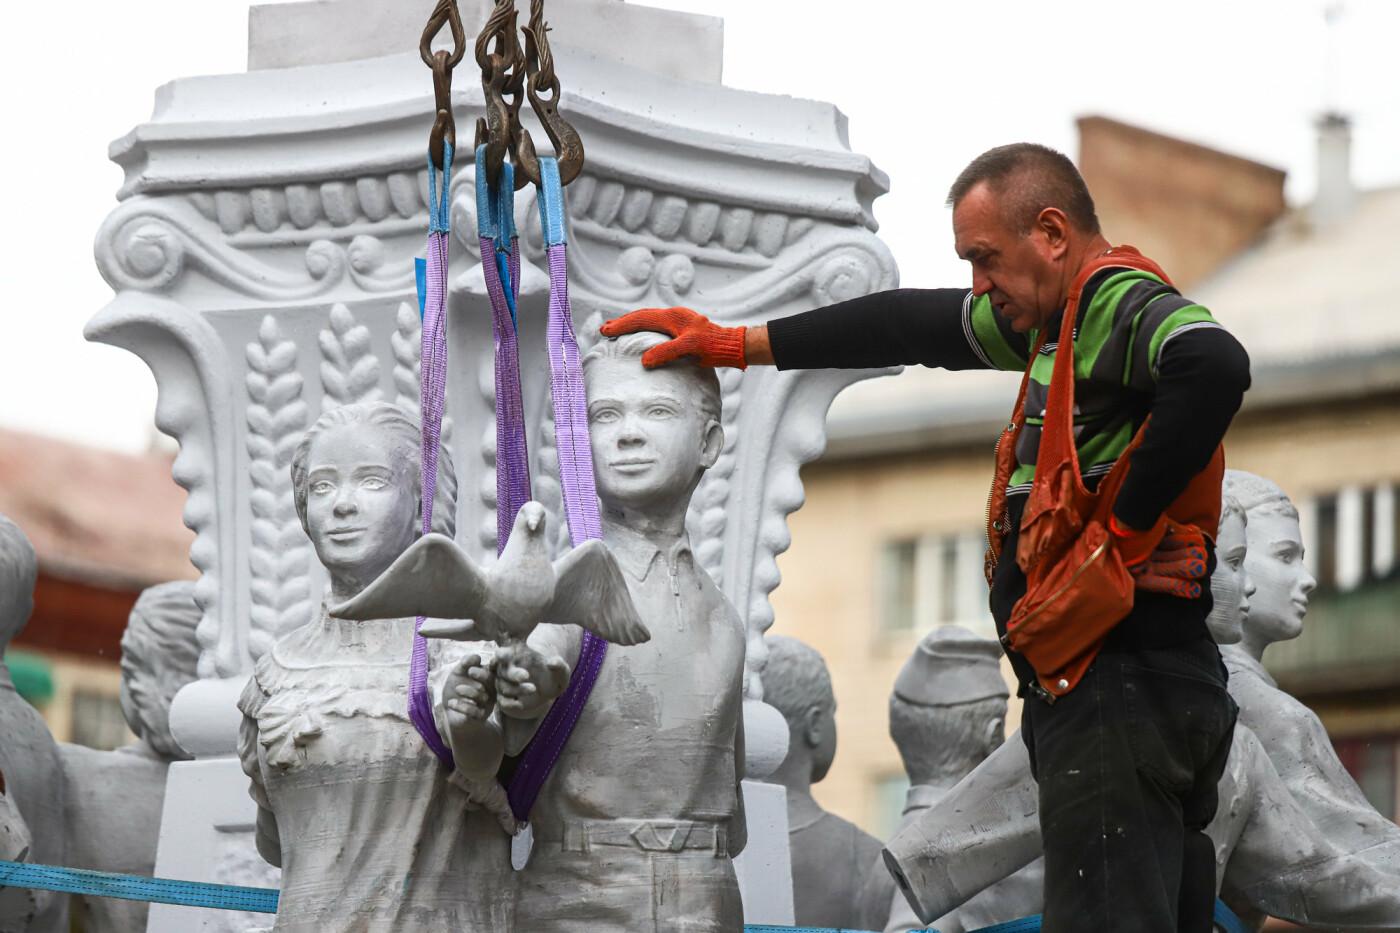 ЛГБТ-прайд, эко-митинг и восстановленные скульптуры в сквере Пионеров: сентябрь в фотографиях , фото-144